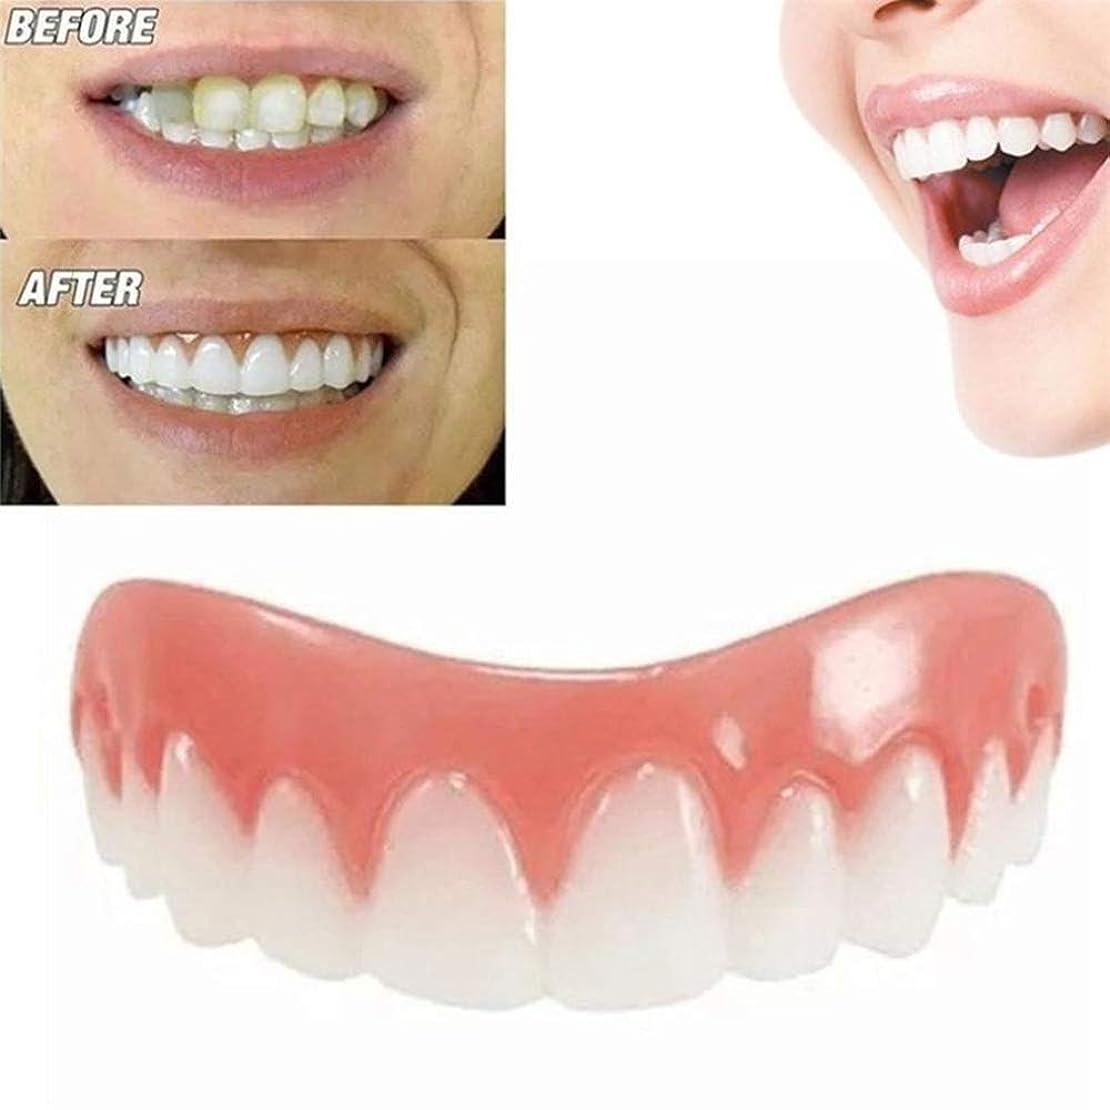 液体芝生八シリコーンスマイルベニヤ偽の歯上偽の歯カバー悪い歯のための歯の修正のためにあなたに完璧な笑顔を与える - ワンサイズぴったり(30個)